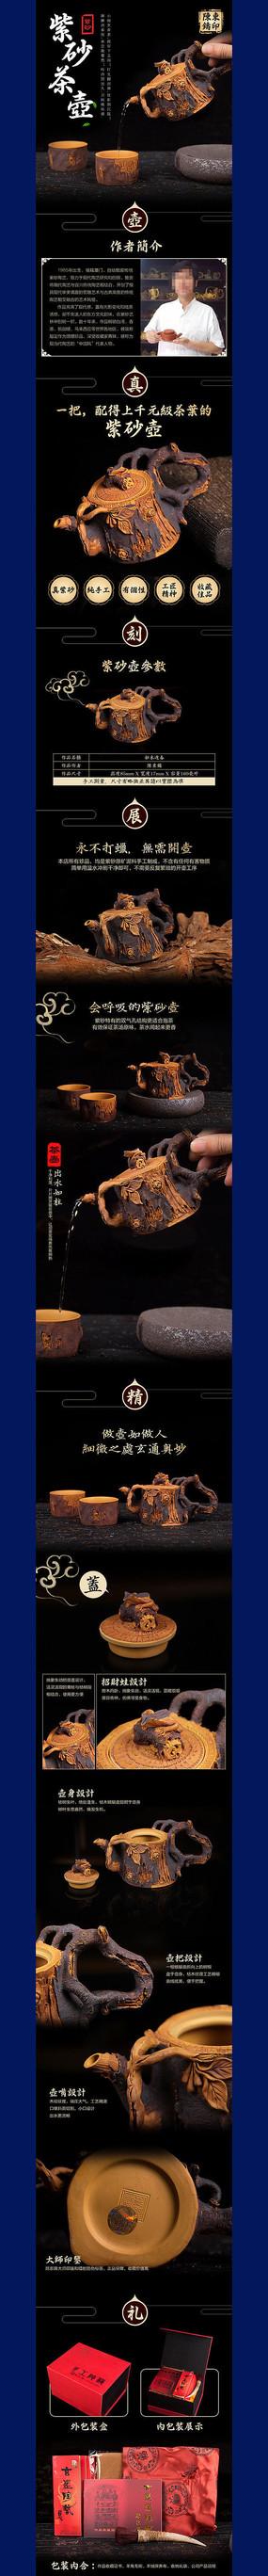 淘宝天猫紫砂茶壶详情页模板